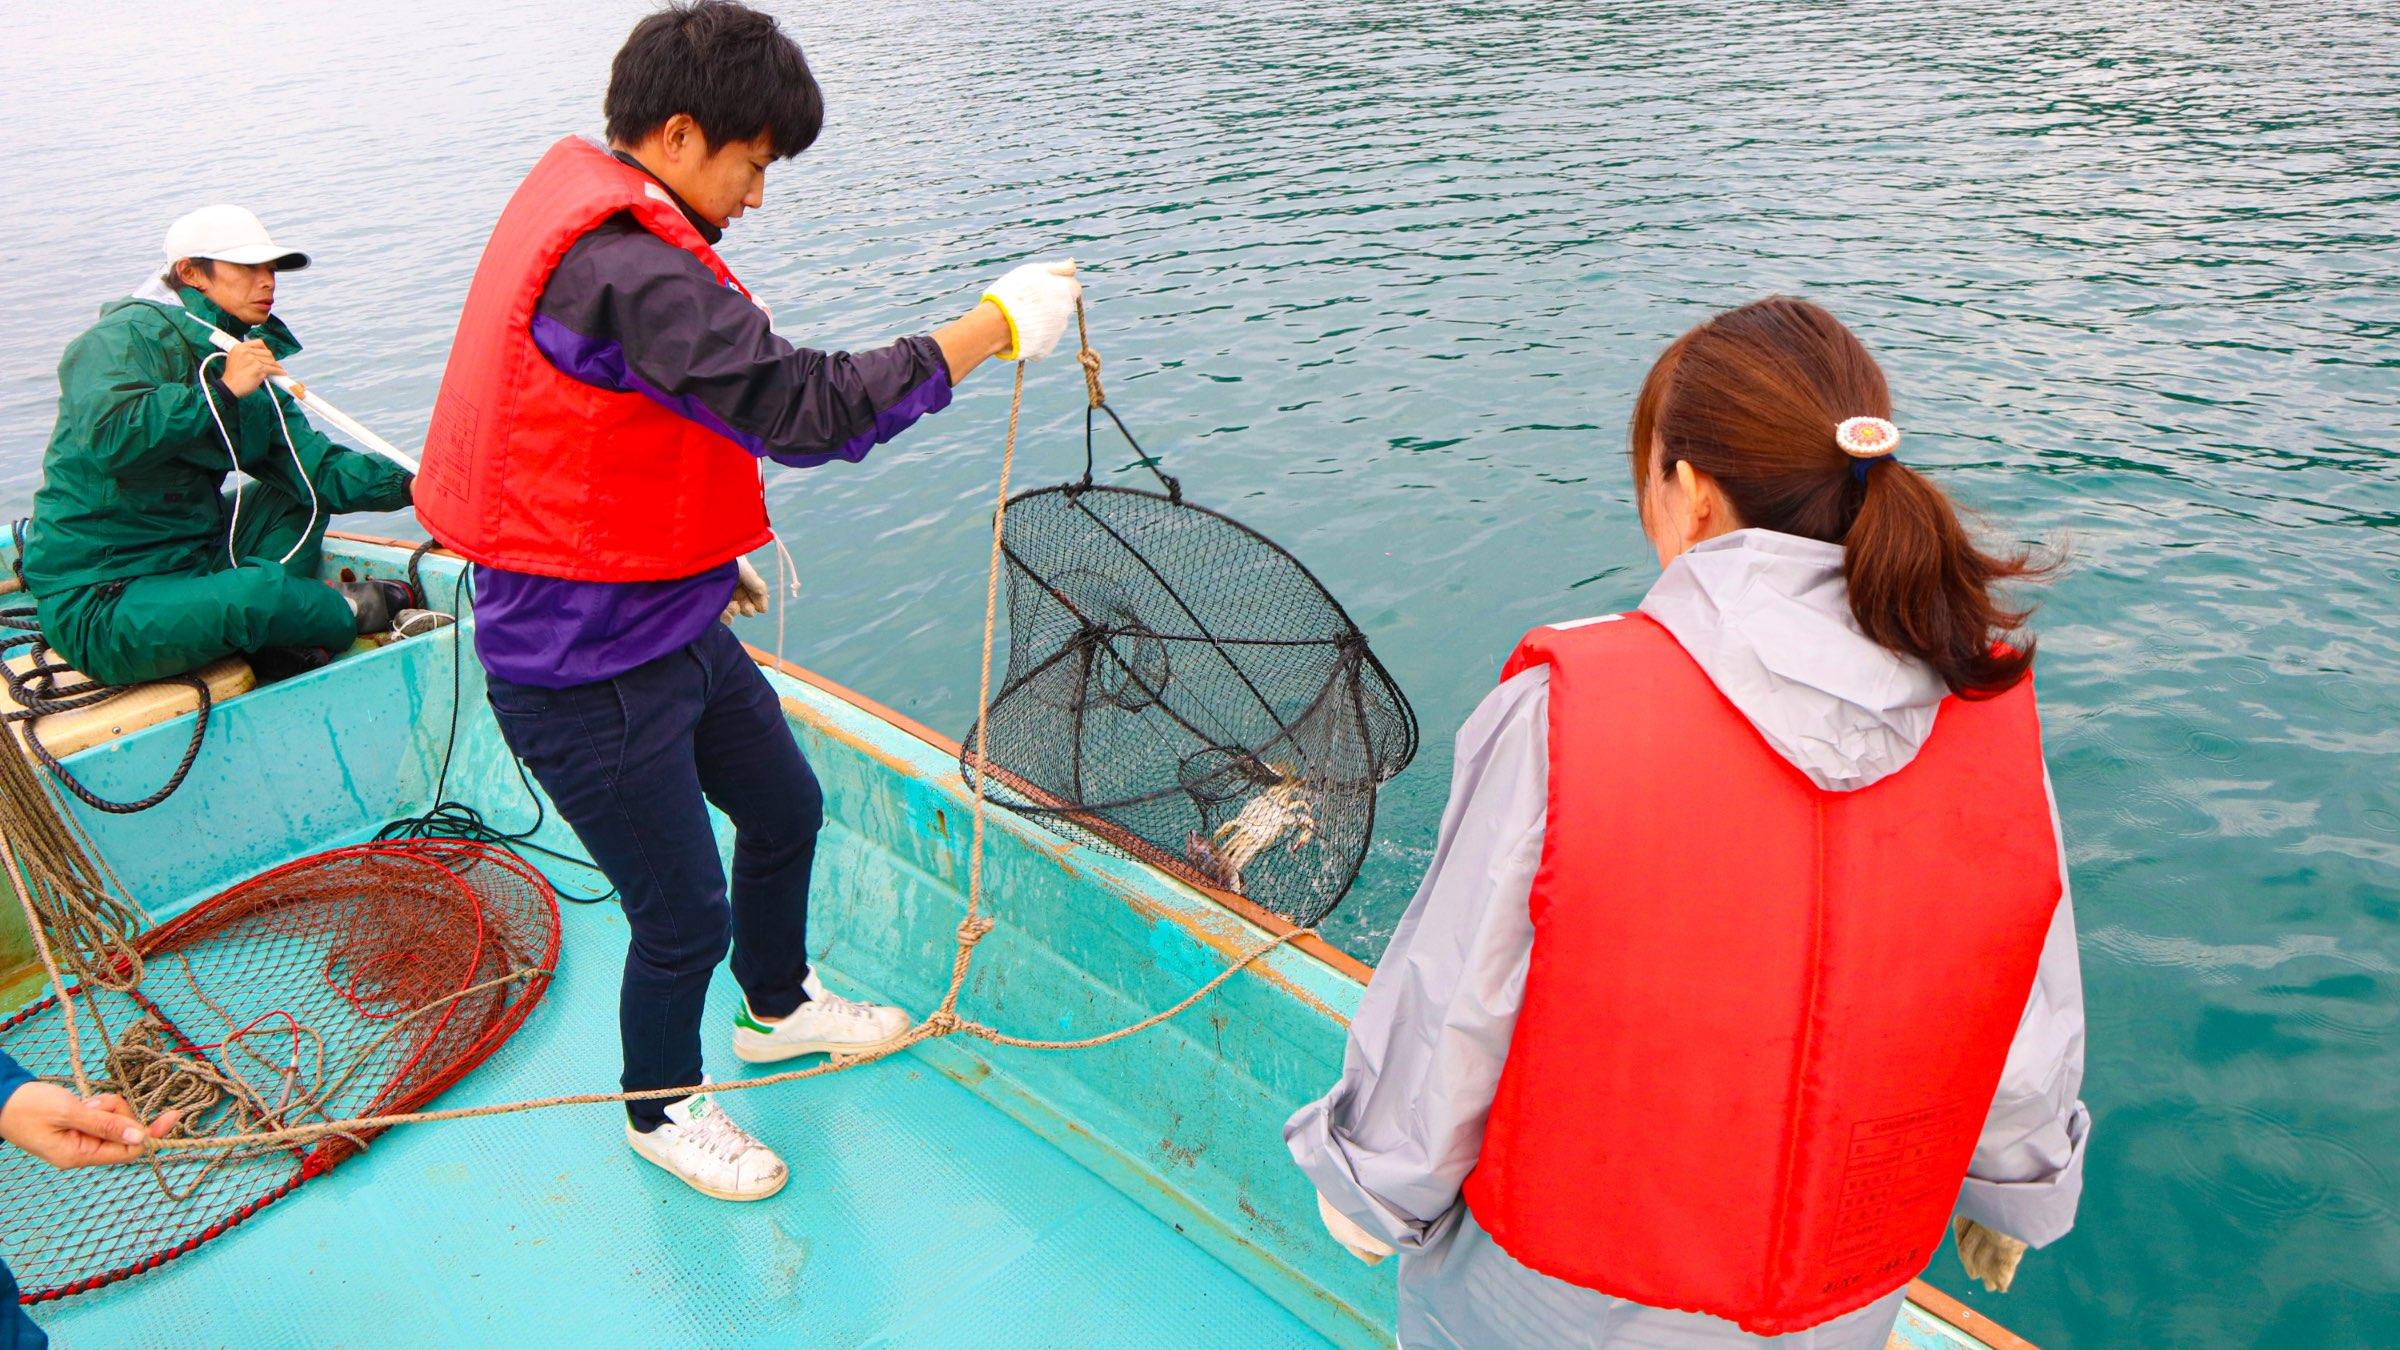 アクティビティとグルメのいいとこ取り!伊勢海老・蟹漁師体験